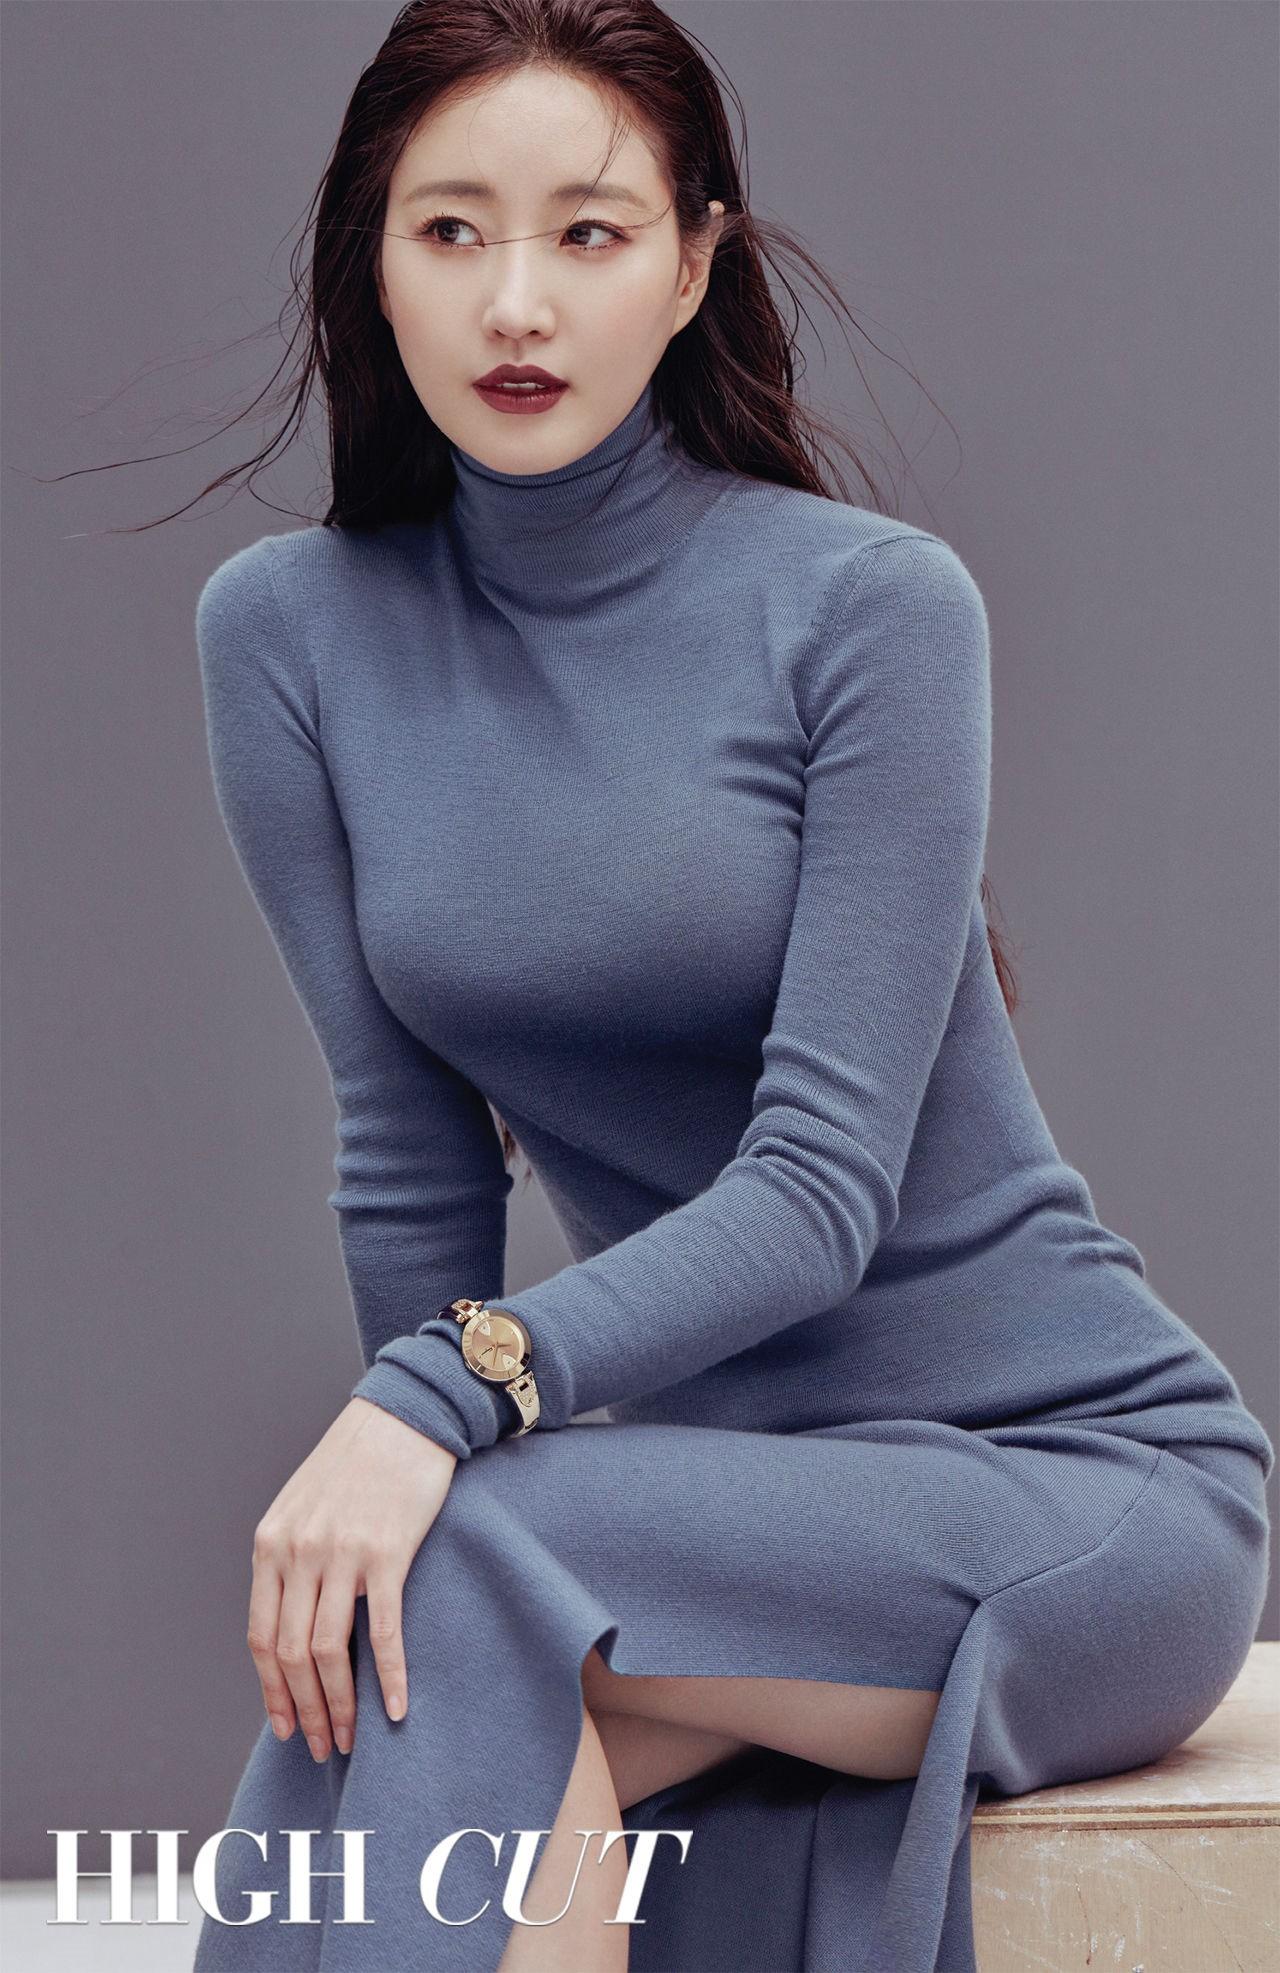 Cuộc sống của Hoa hậu Hàn Quốc: Người hạnh phúc viên mãn, kẻ không dám ra đường vì bê bối sex tập thể - Ảnh 5.